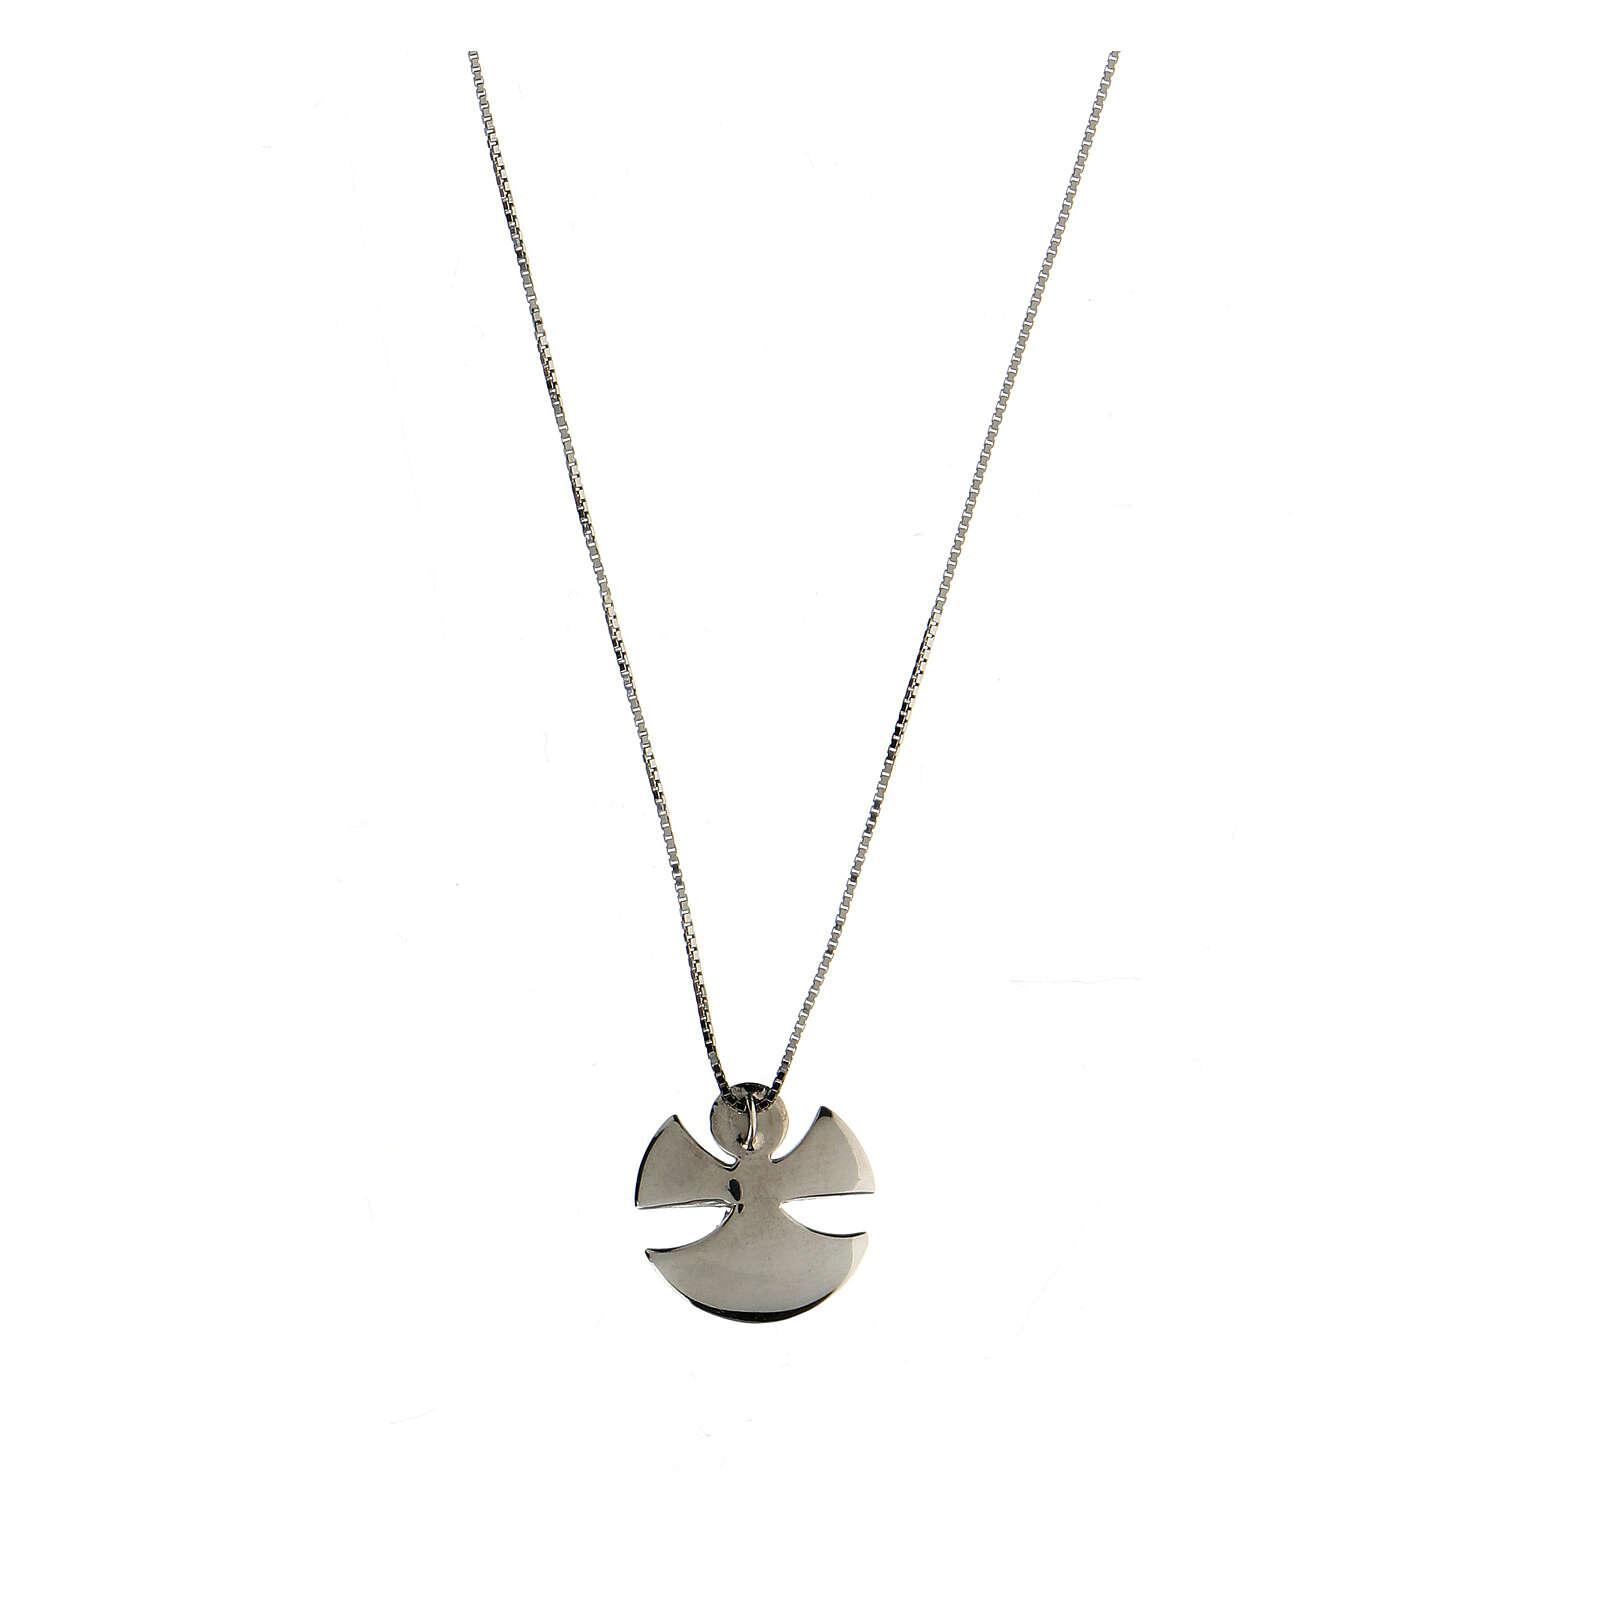 Collar Ángel plata 925 esmalte marfil 4